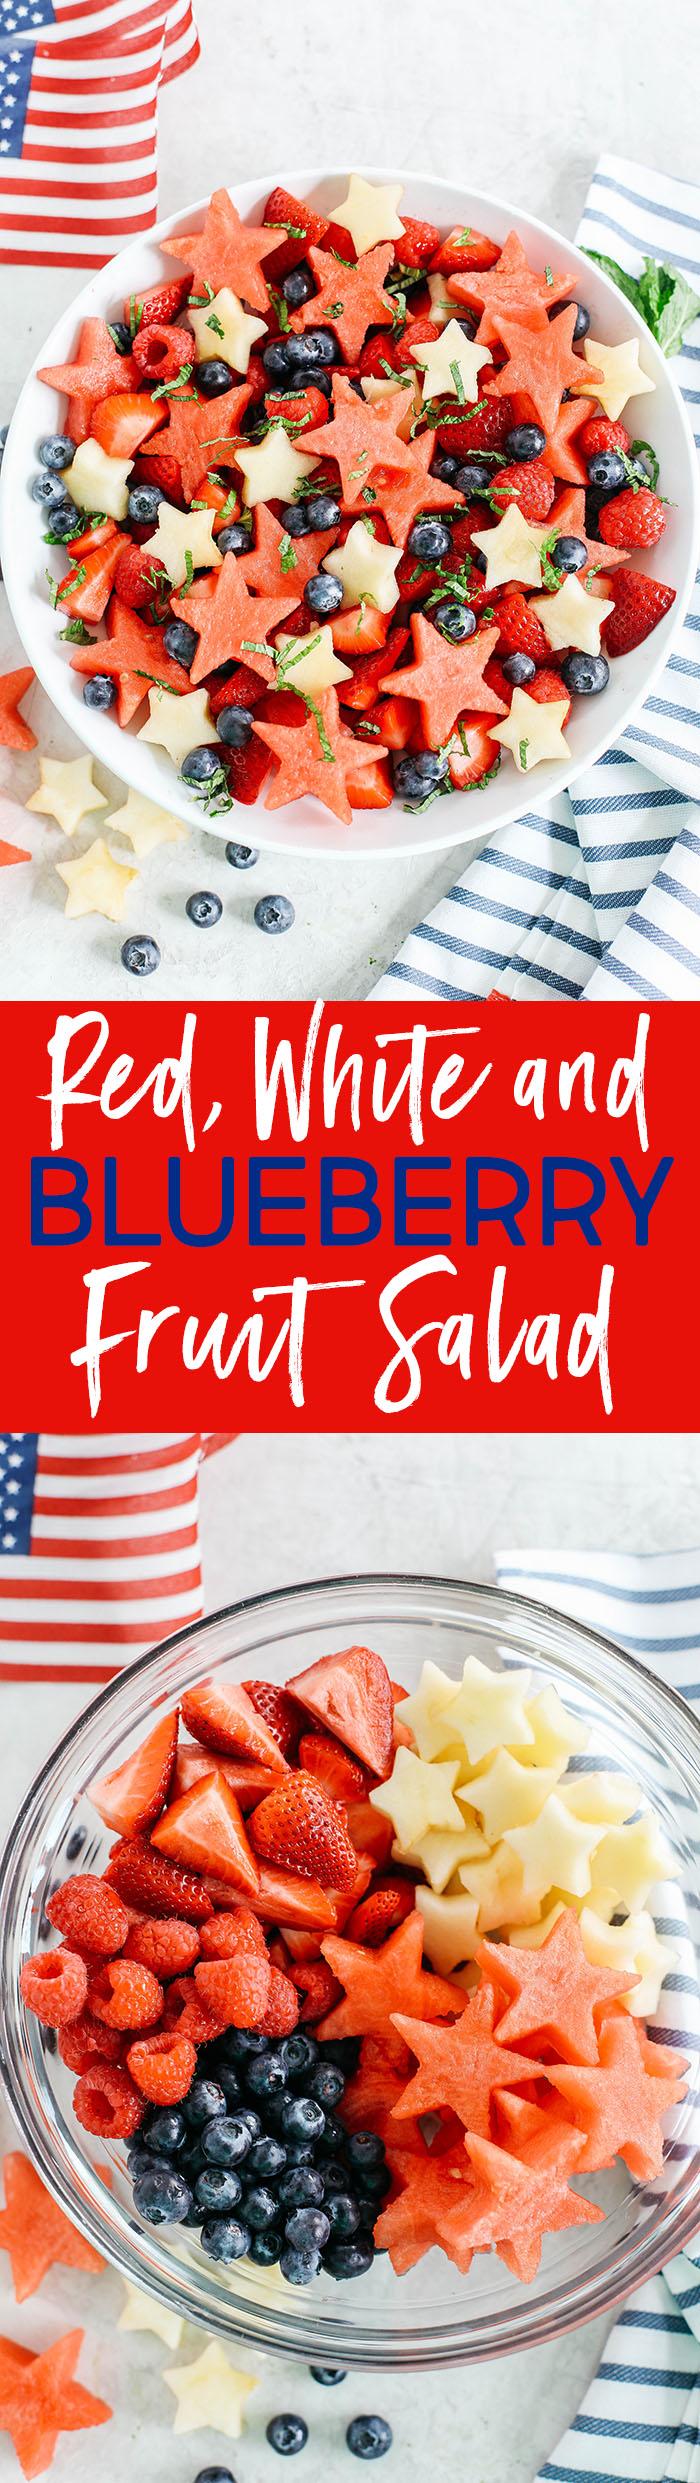 Comece no dia 4 de julho com esta festiva salada de frutas vermelhas, brancas e mirtilos, embalada com melancia, maçãs crocantes e deliciosas frutas, todas juntas em um molho cítrico com mel!